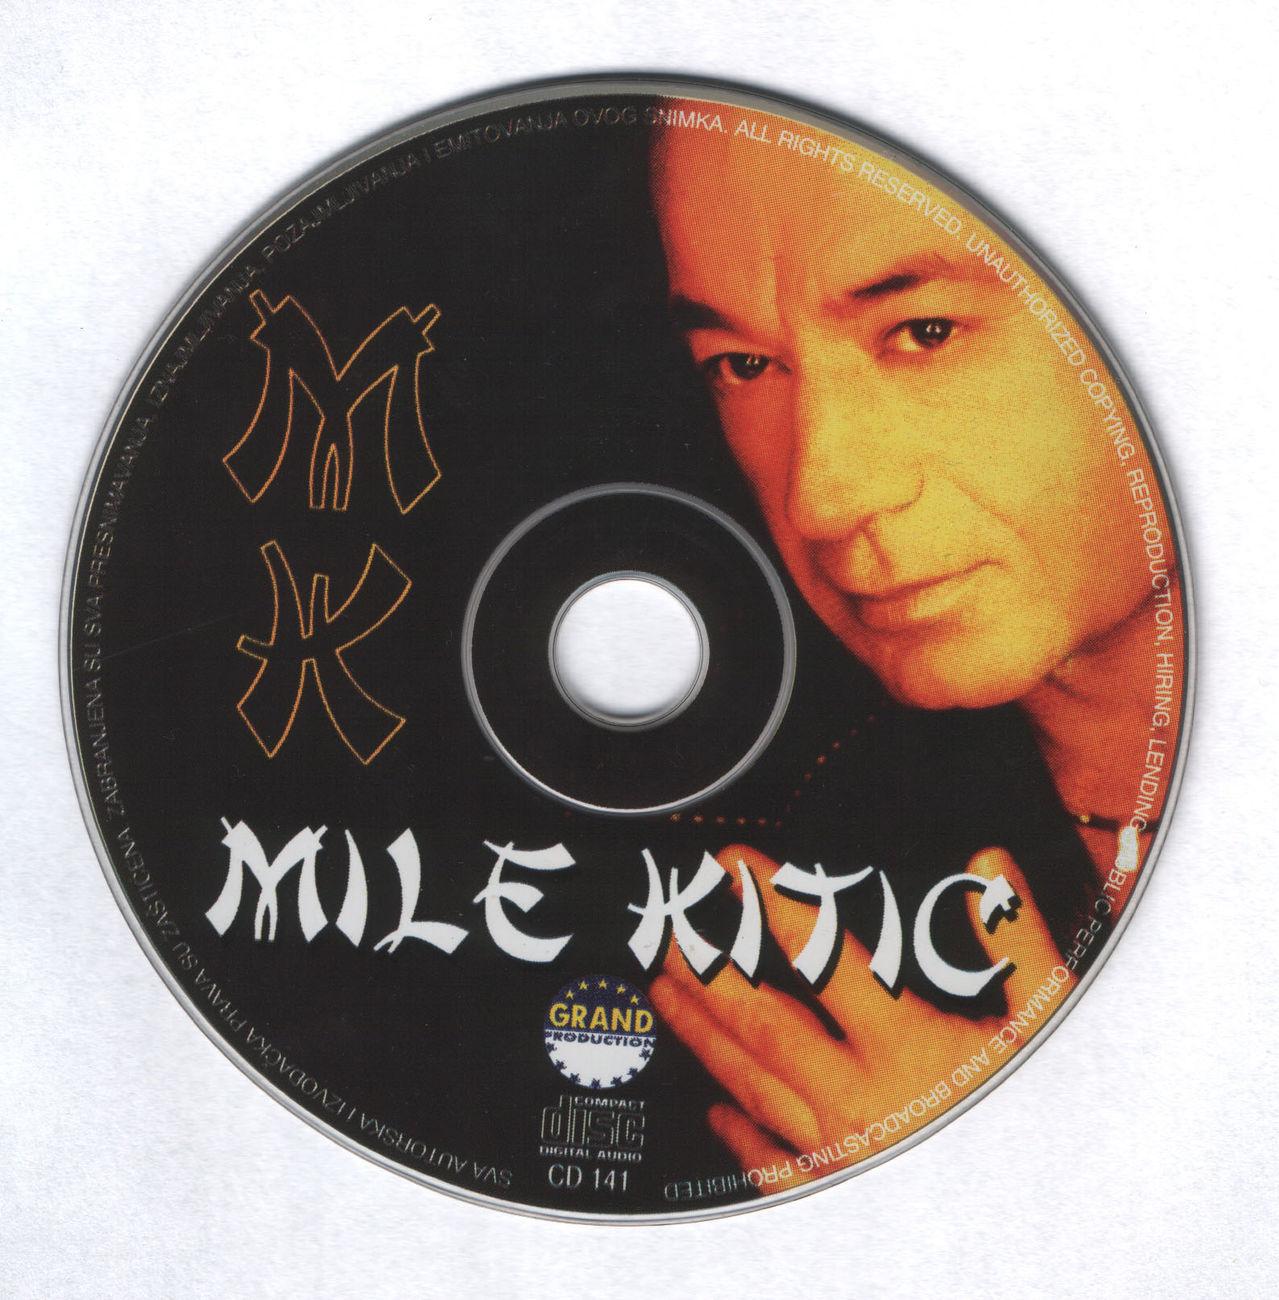 Mile Kitic 2001 - Plava ciganka Mile_Kitic_2001_Cd